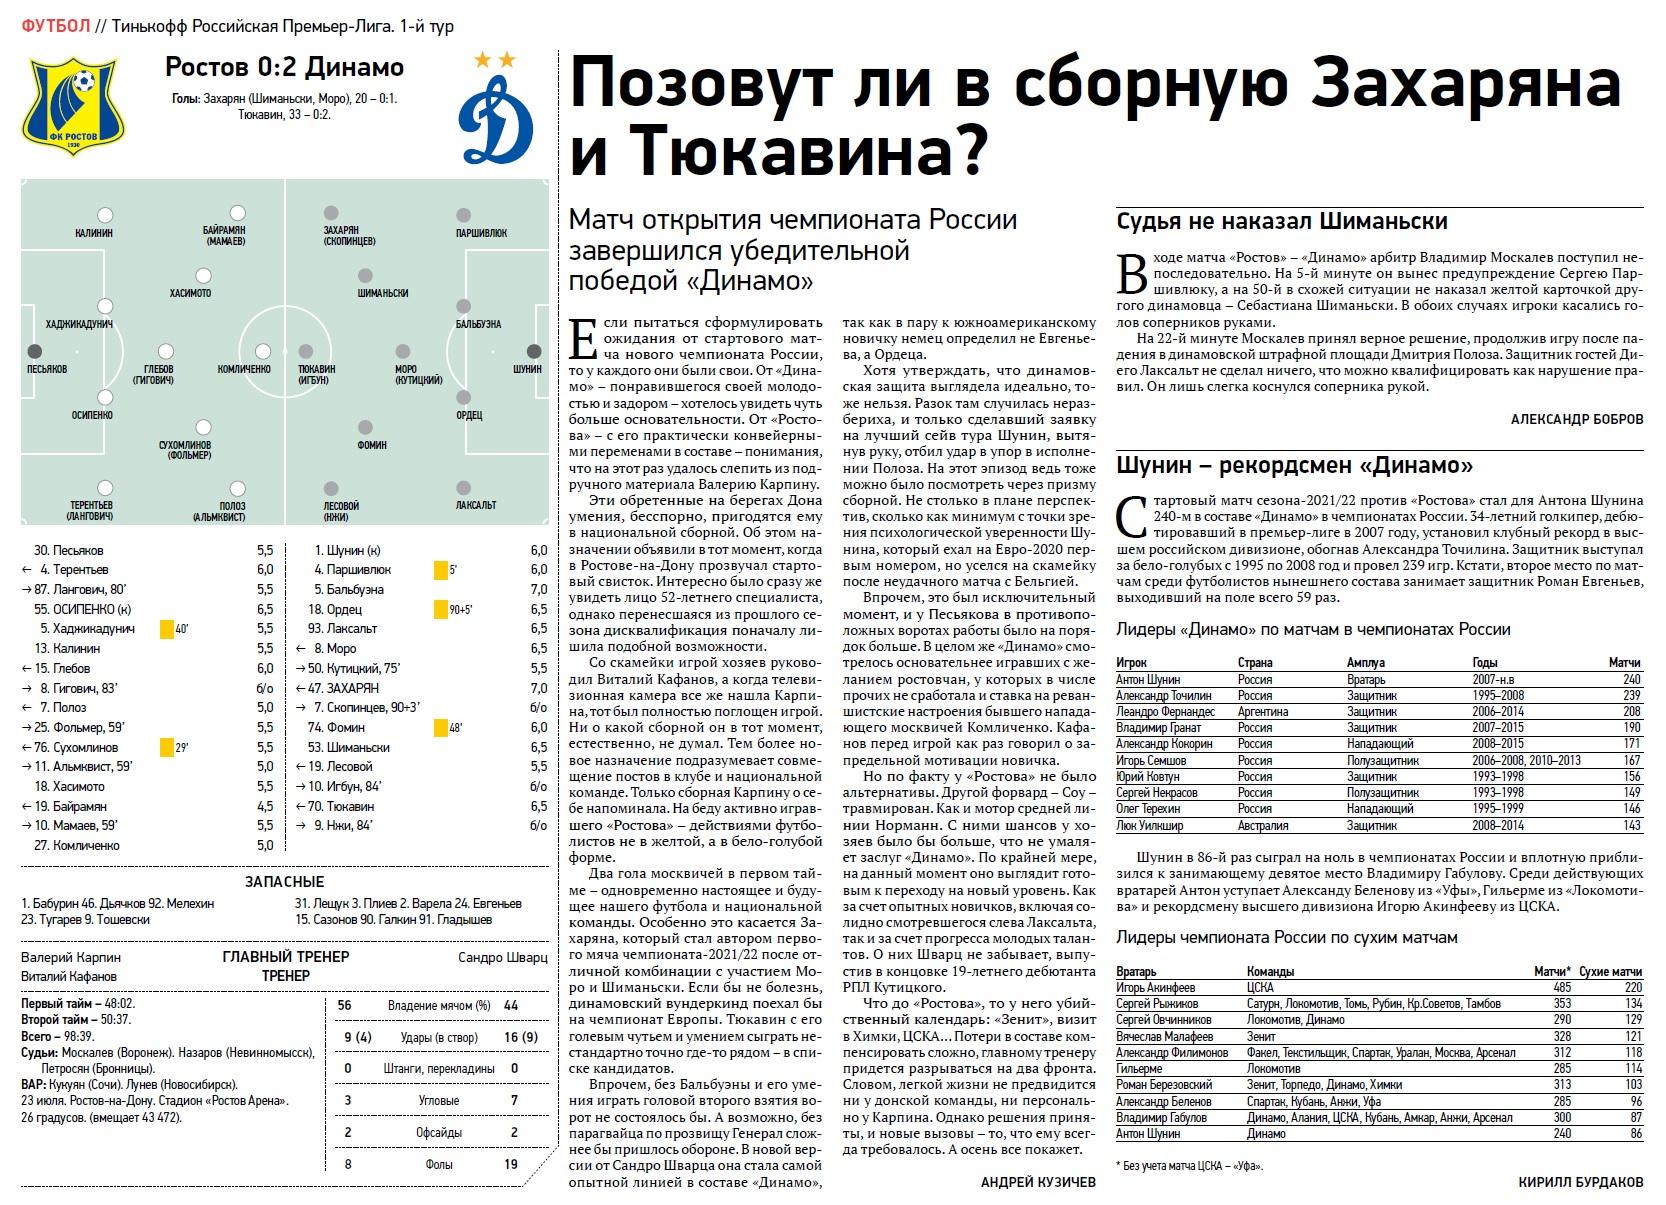 Ростов (Ростов-на-Дону) - Динамо (Москва) 0:2. Нажмите, чтобы посмотреть истинный размер рисунка